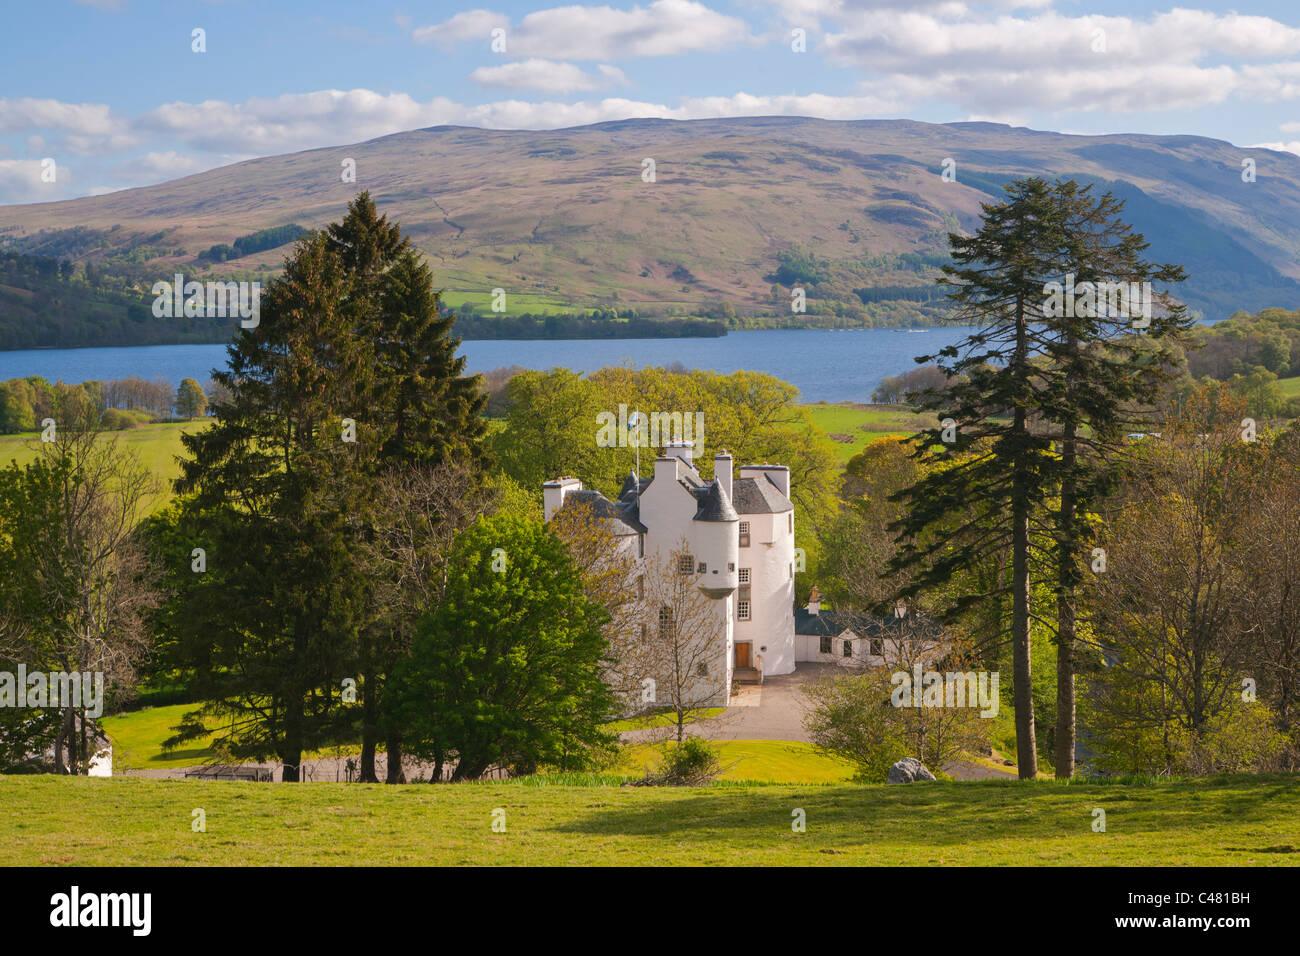 Edinample, Castle, Lochearnhead, Loch Earn, Stirlingshire, Scotland, UK - Stock Image